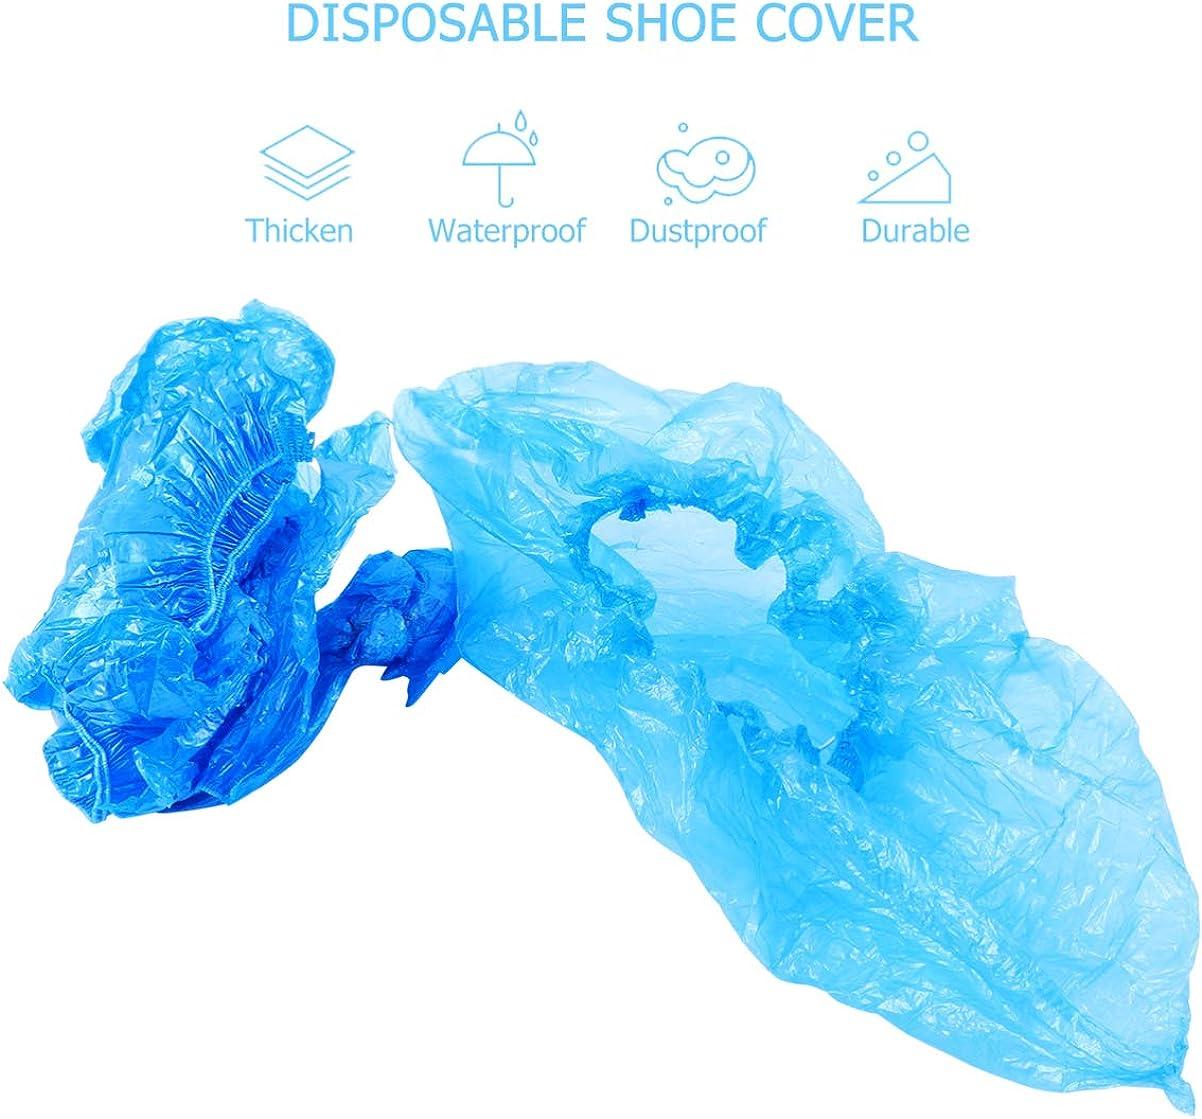 Baluue Couvre-Chaussures en Plastique Imperm/éables Antid/érapants Antid/érapants Nettoyage de Tapis Couvre-Chaussures Tapis Int/érieur Protection de Sol 100 Pi/èces 50 Paires